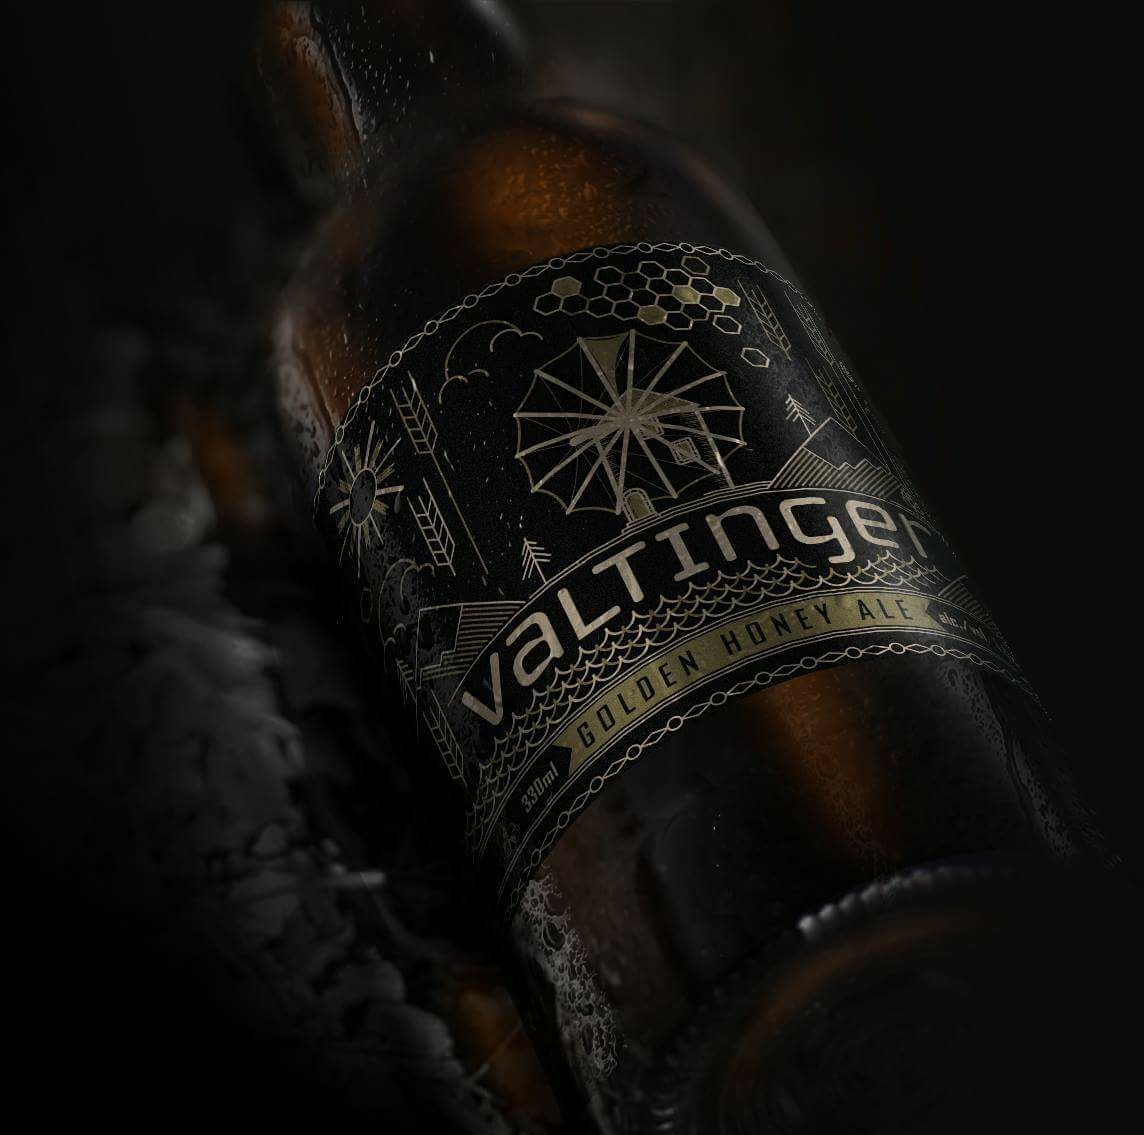 Valtinger Beer